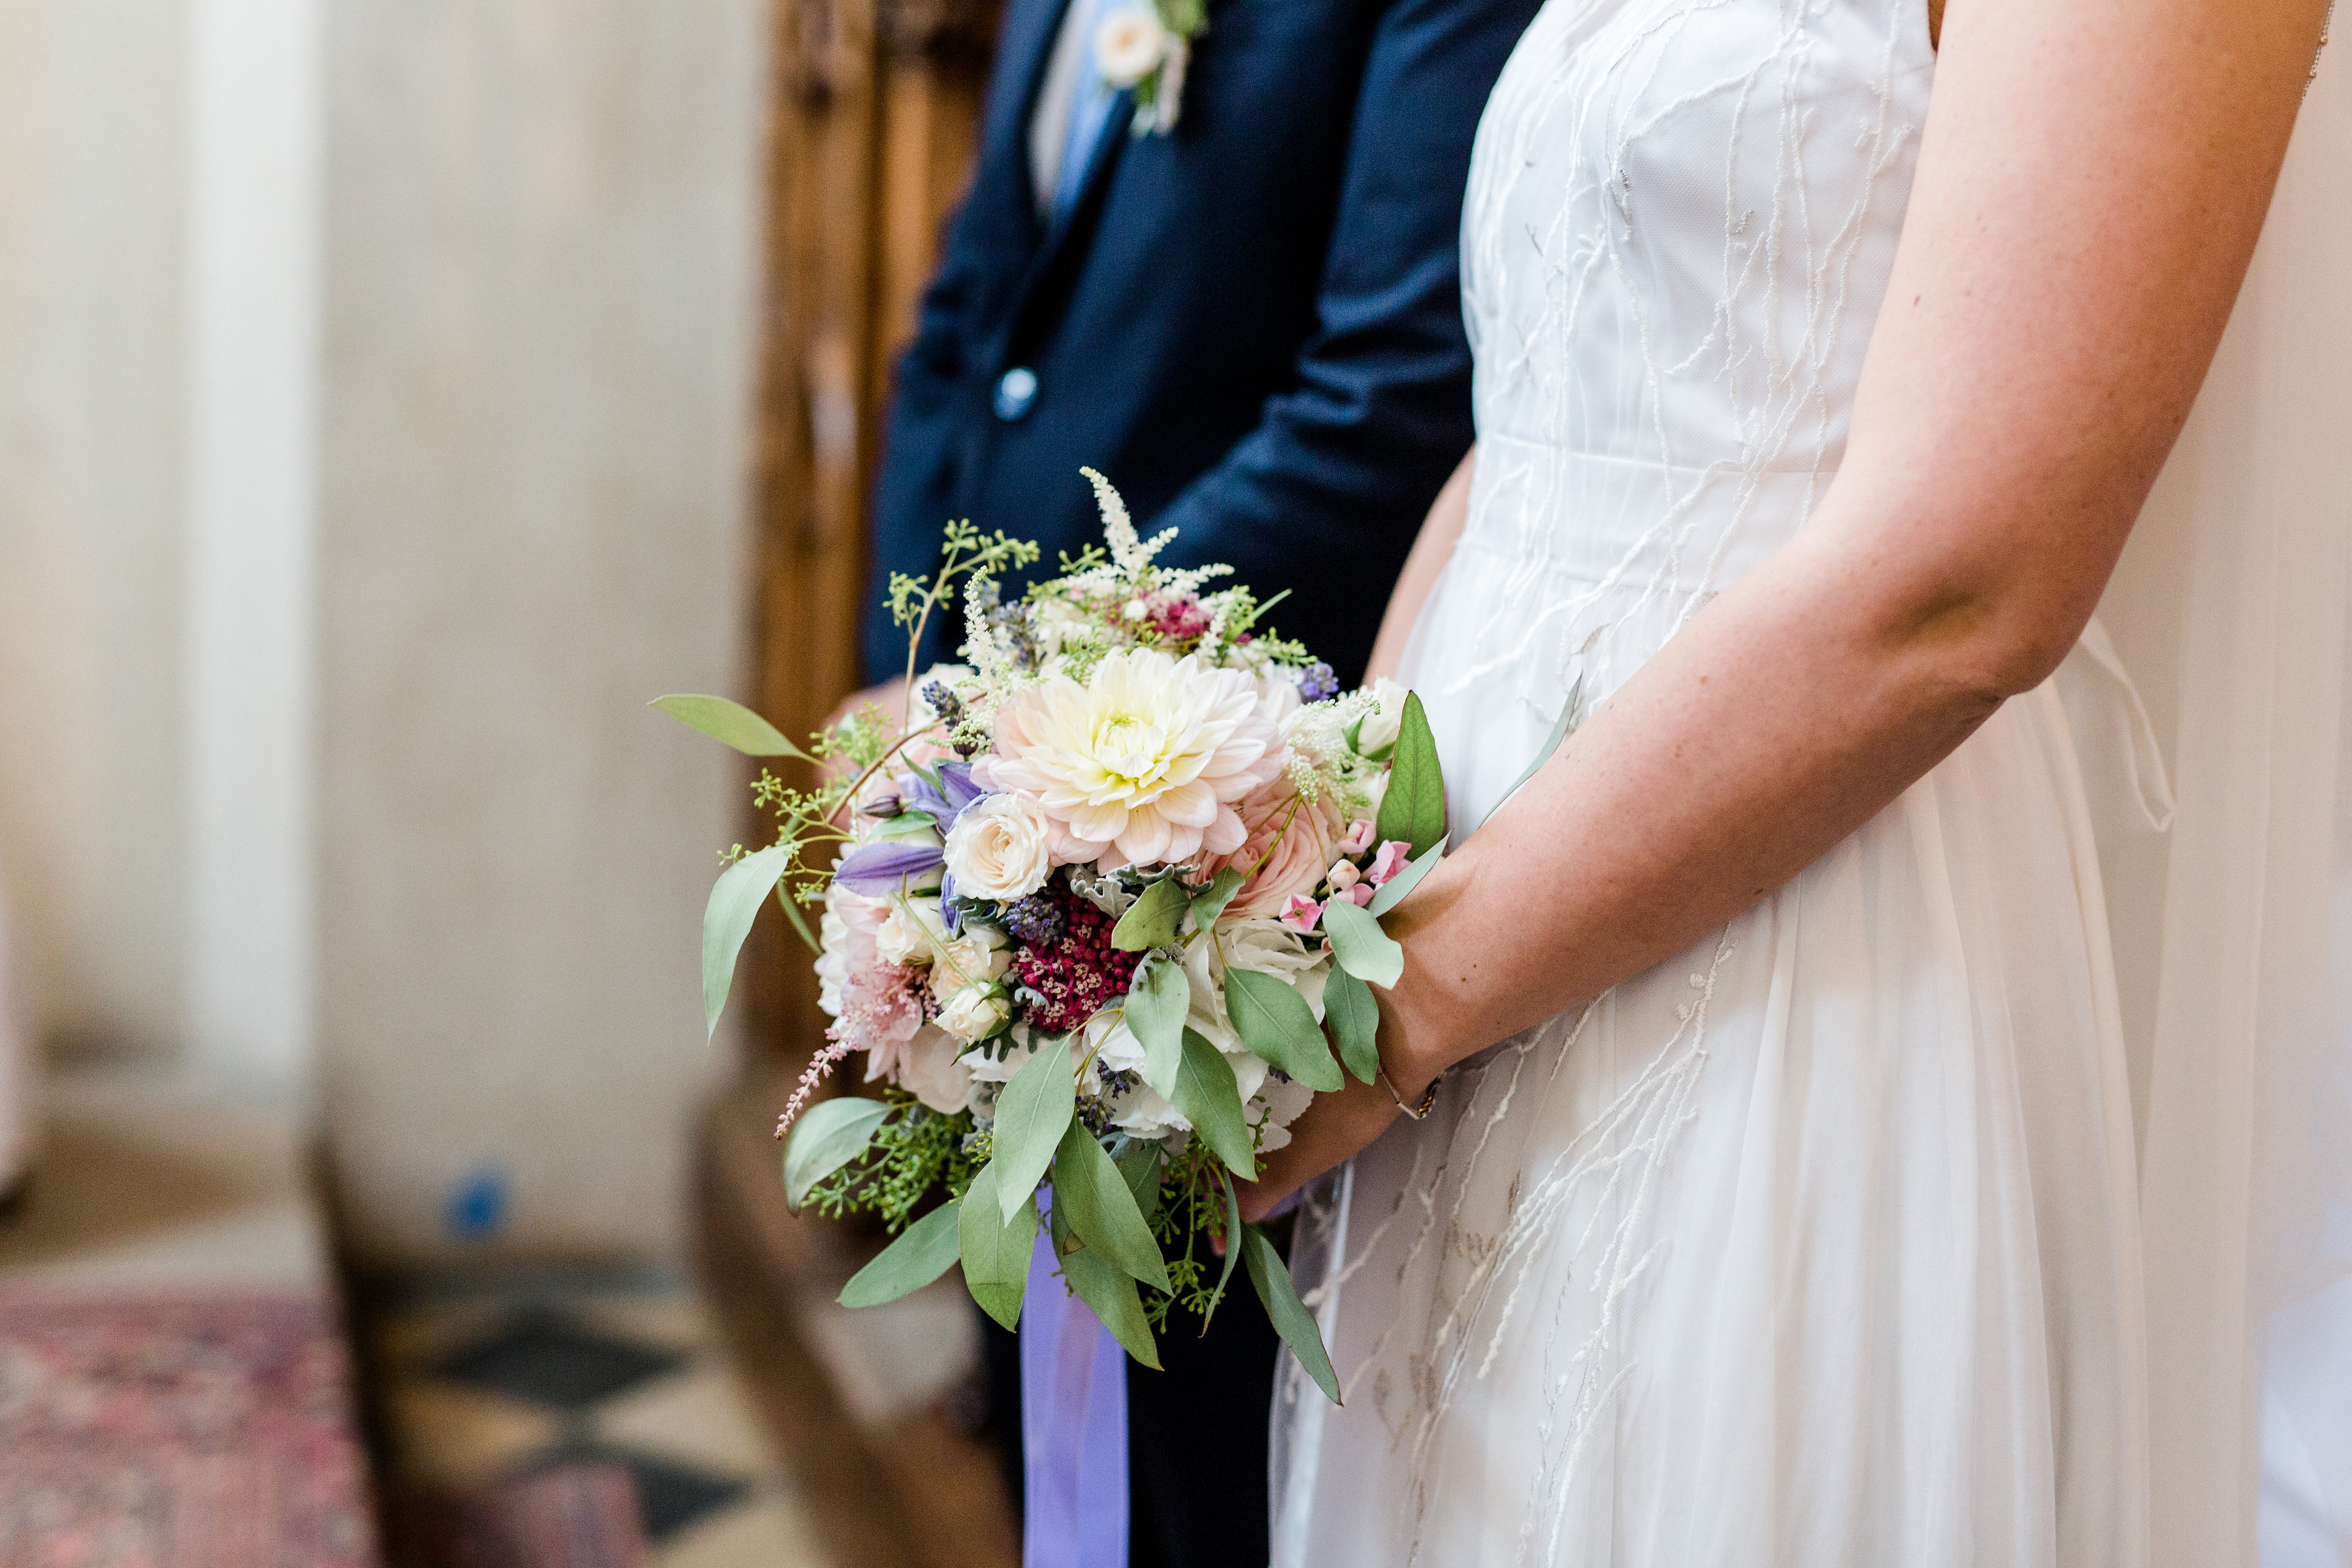 Hochzeitsfloristik Brautstrauss in rosa violett und weiss Toenen bestehend aus verschiedenen Blumen der von einer Braut im weissen Kleid das oebn bestickt ist gehalten wird und Braeutigam steht nebenan